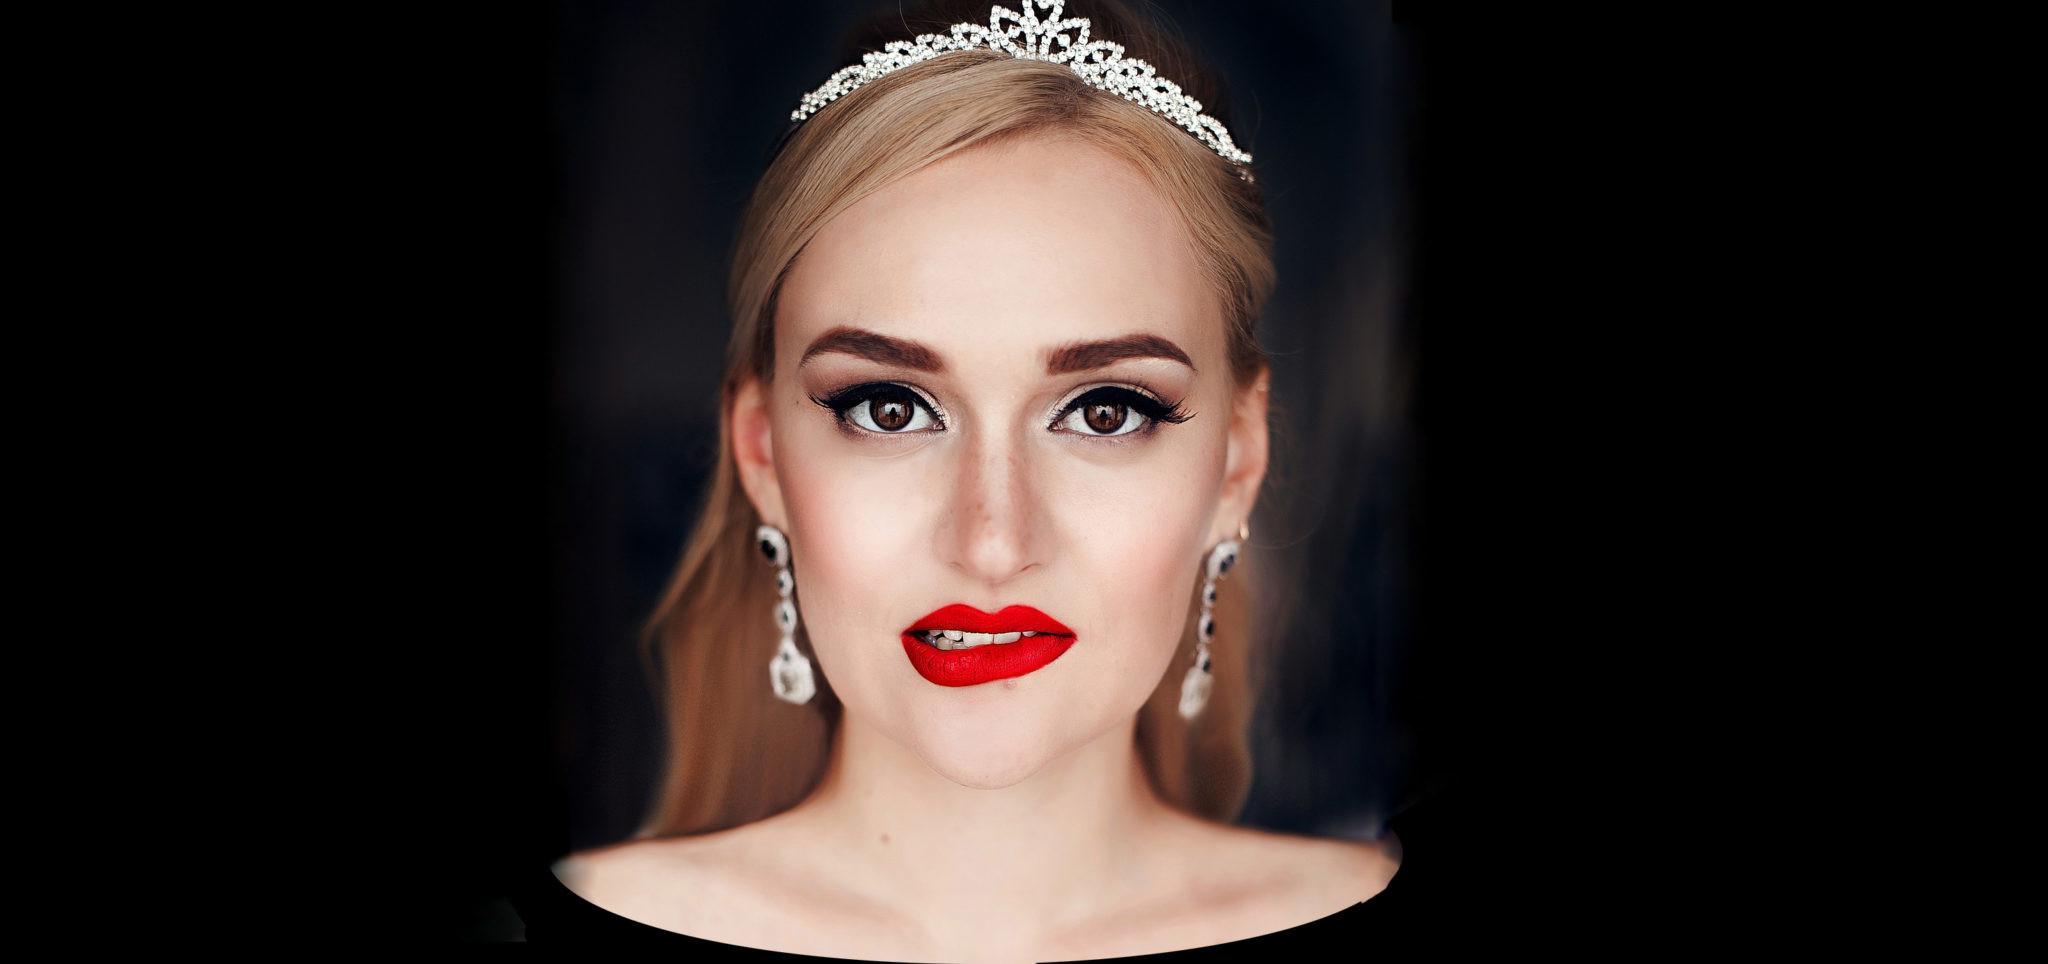 6 ошибок в макияже невесты, которые испортят свадьбу